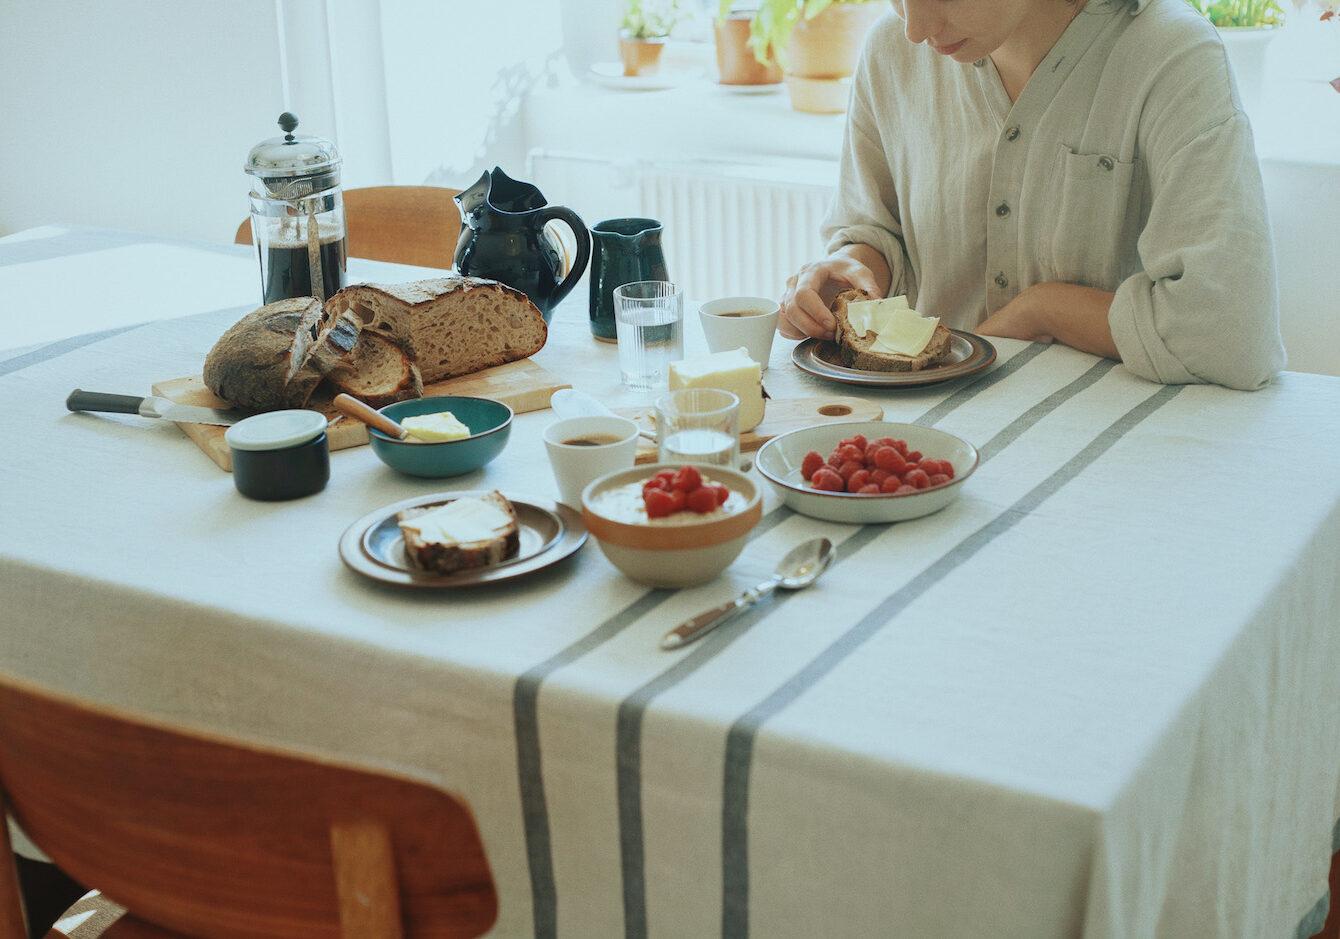 夏の食卓を彩るテーブルリネンのイメージ画像